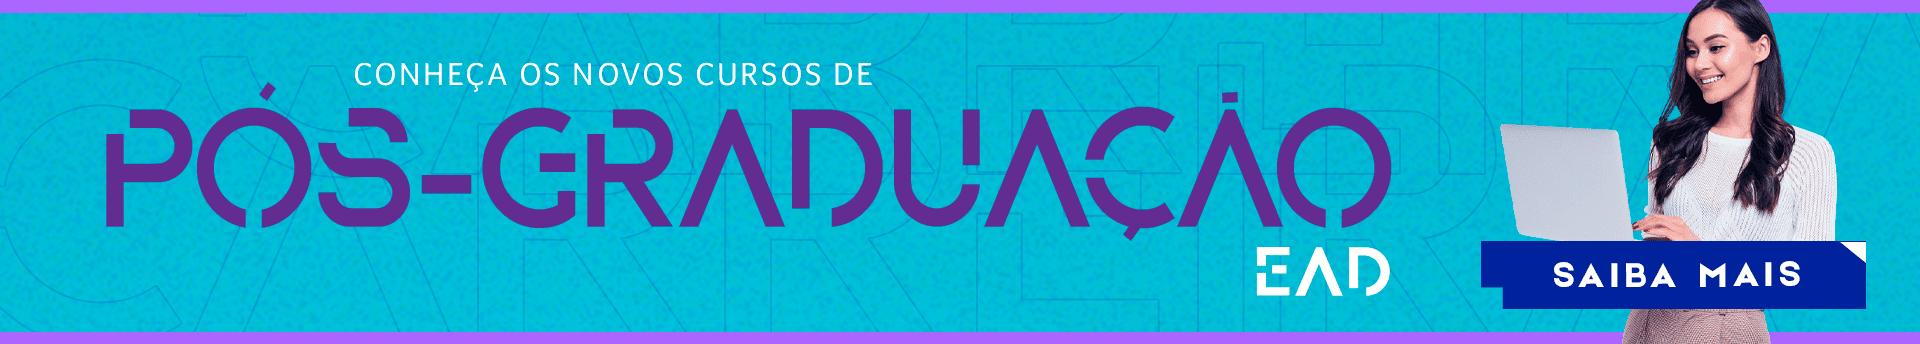 Unic: Conheça os novos cursos de Pós-Graduação EAD, saiba mais!